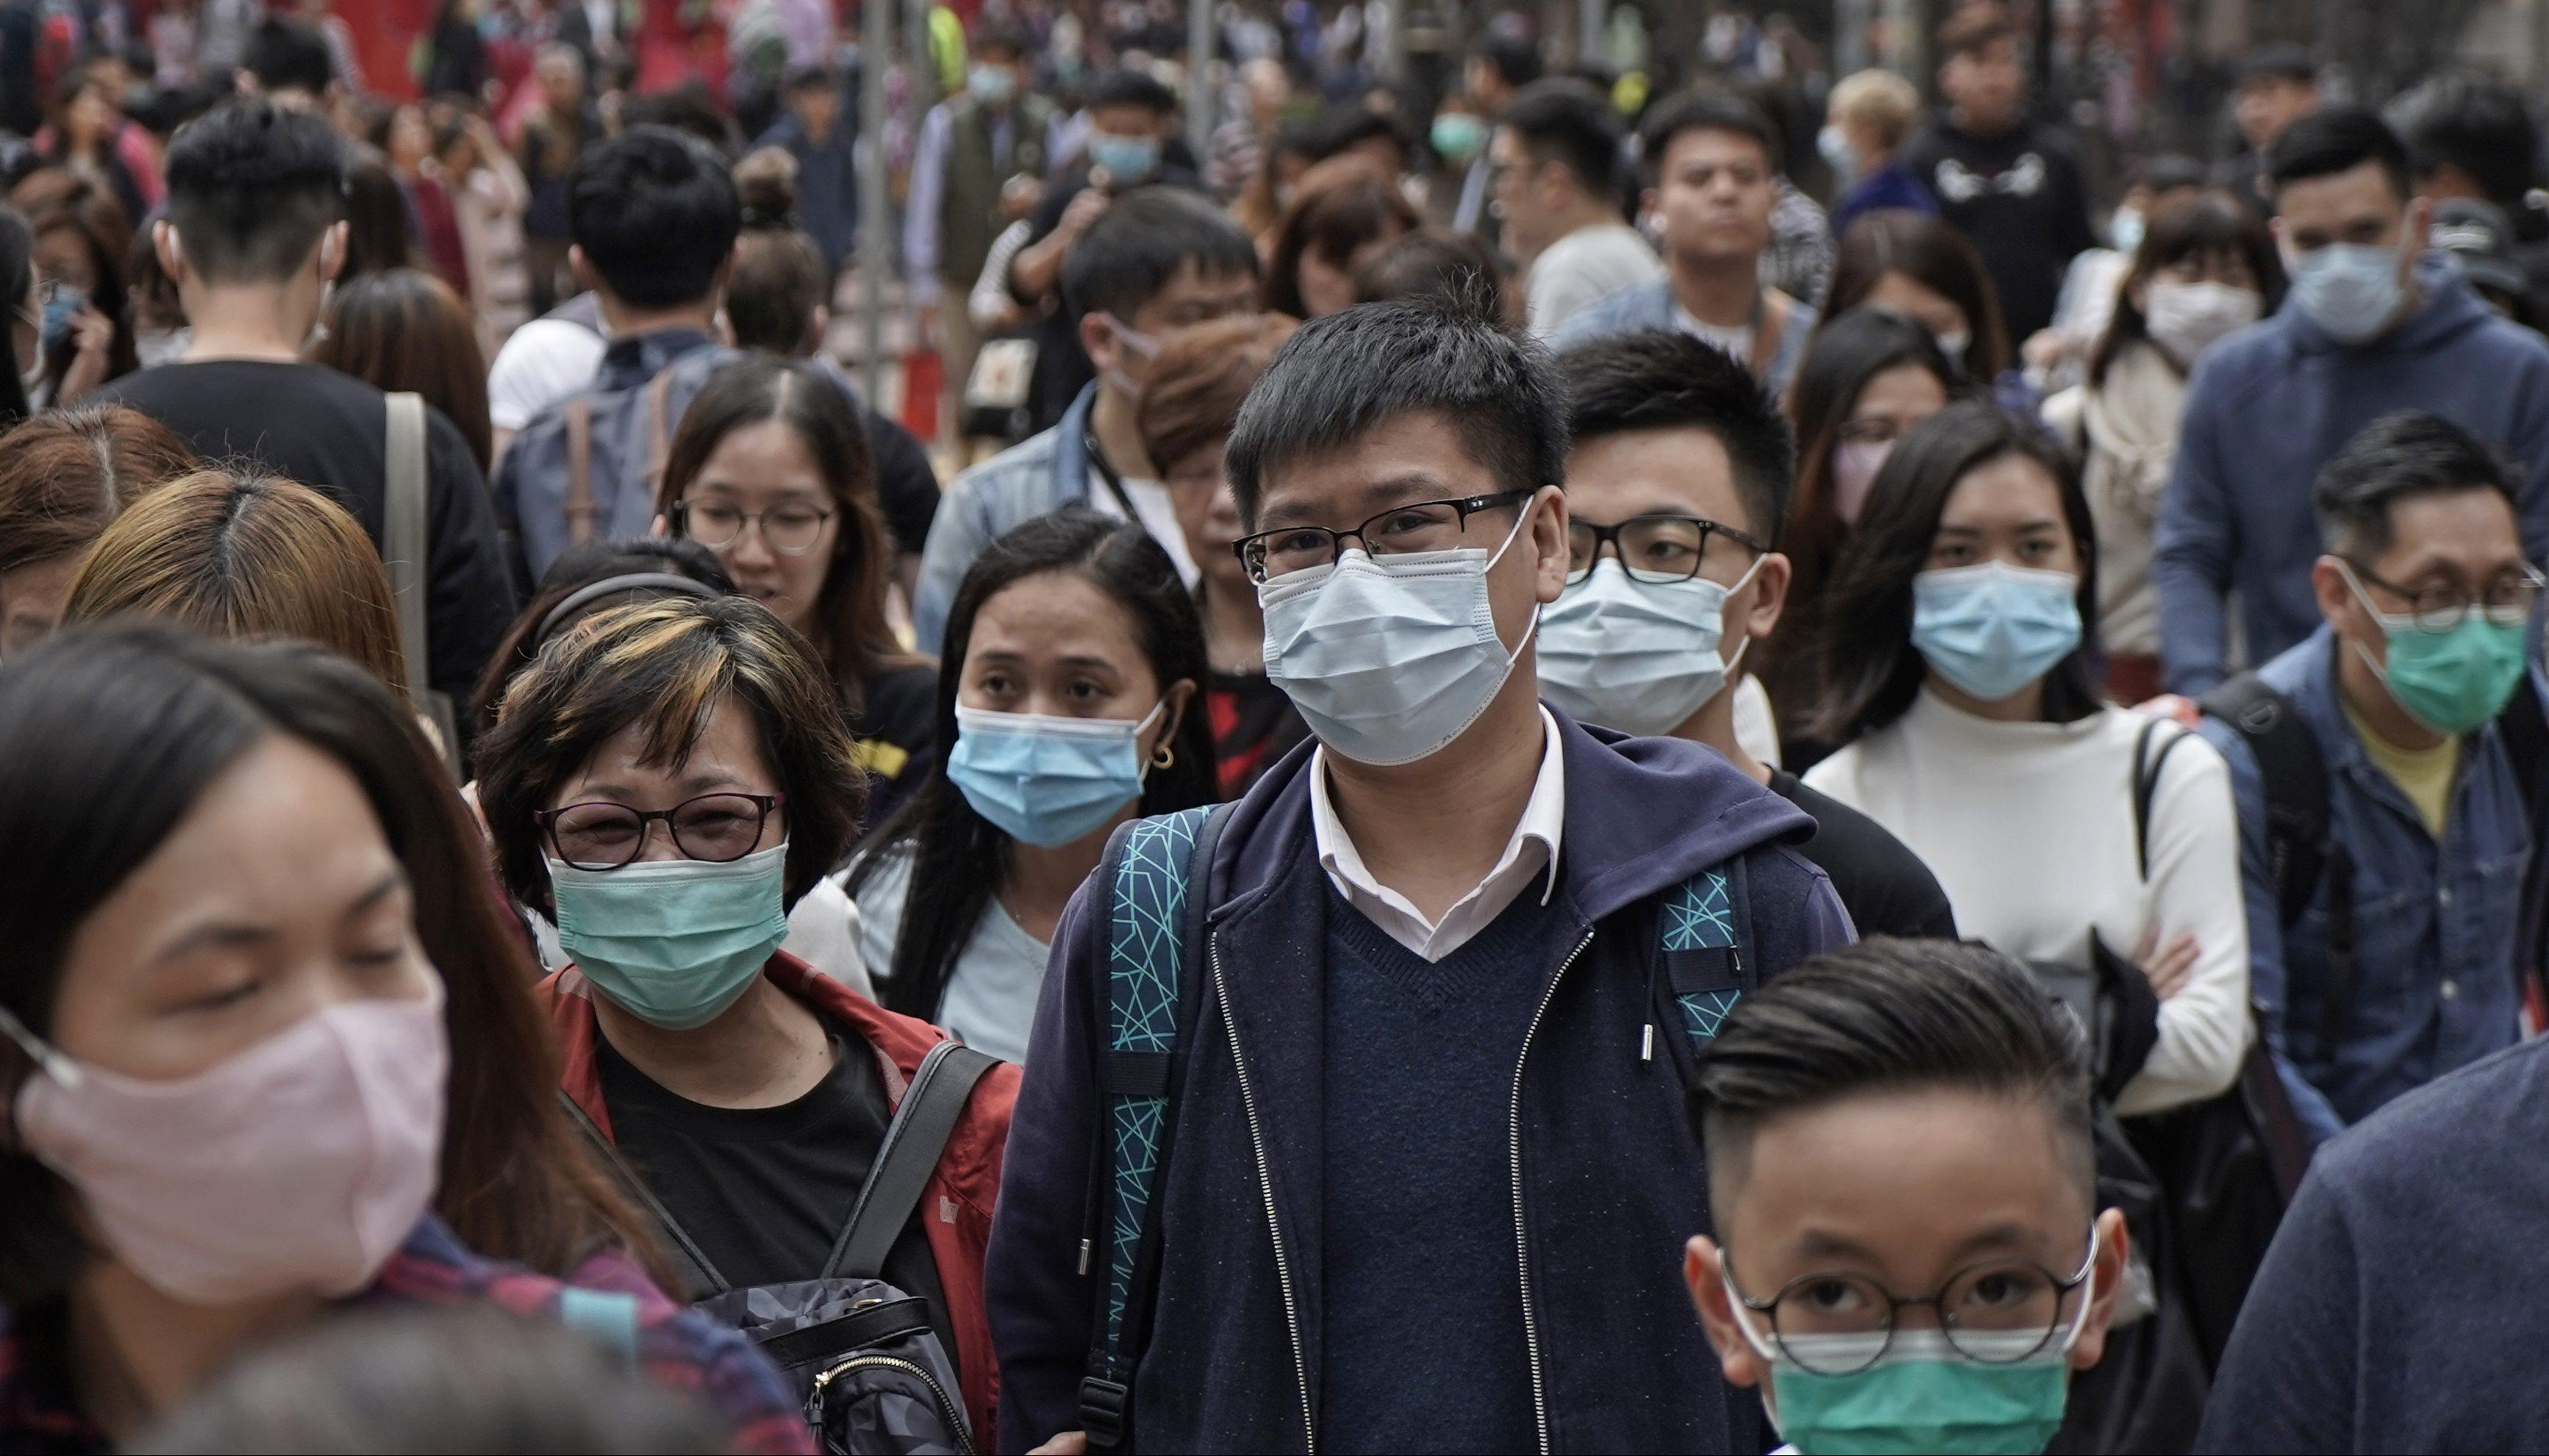 Wuhan virus outbreak